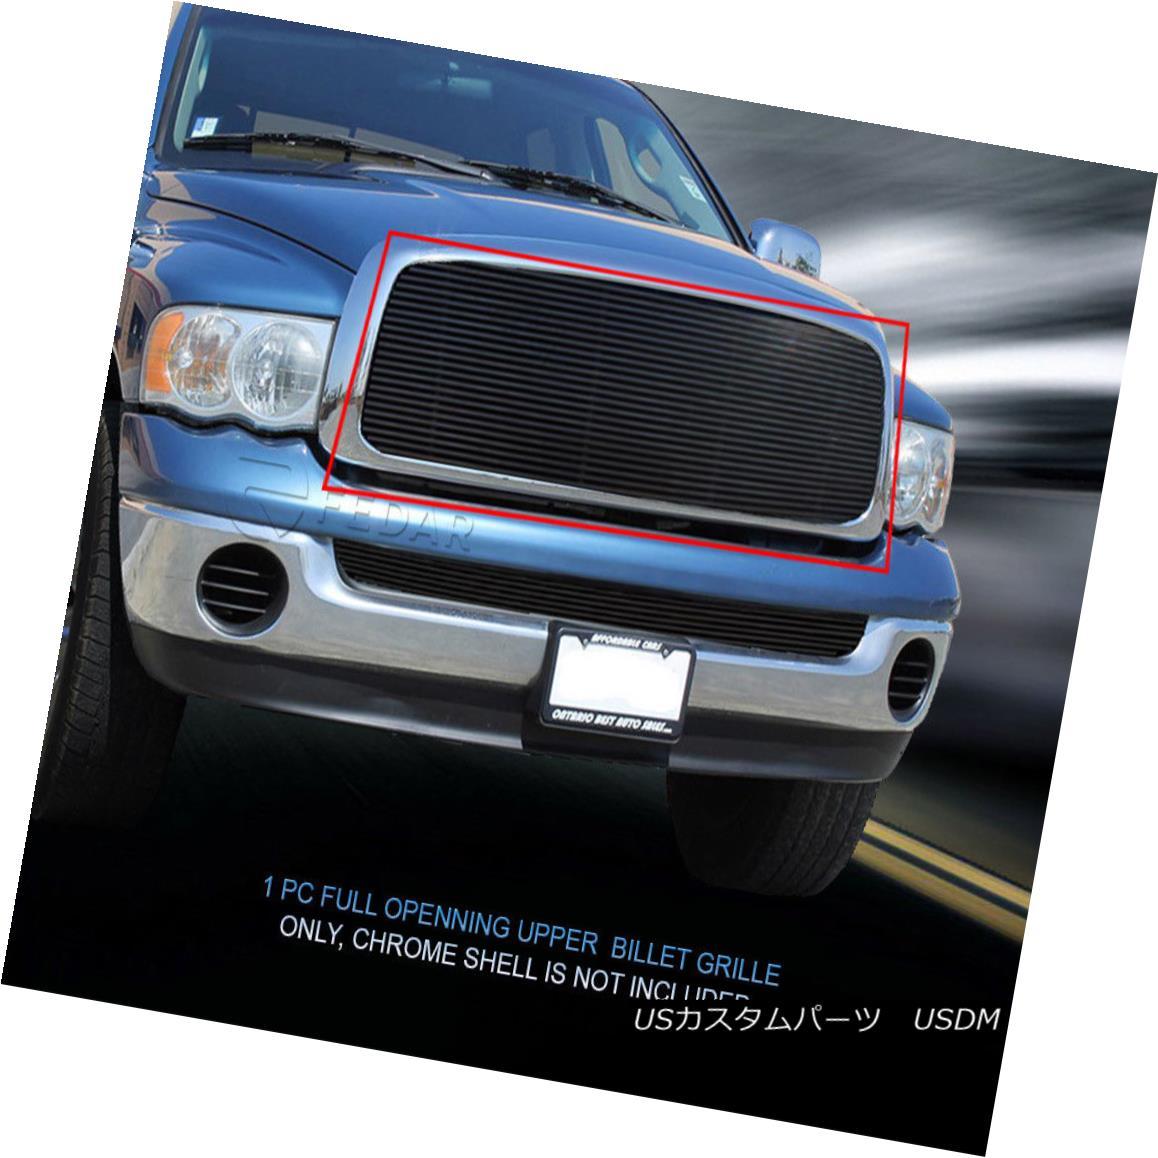 グリル 02-05 Dodge Ram Full Openning Black Billet Grille Grill Upper Insert 1 Pc Fedar 02-05 Dodge Ramフルオープンブラックビレットグリルグリル上部インサート1 Pc Fedar